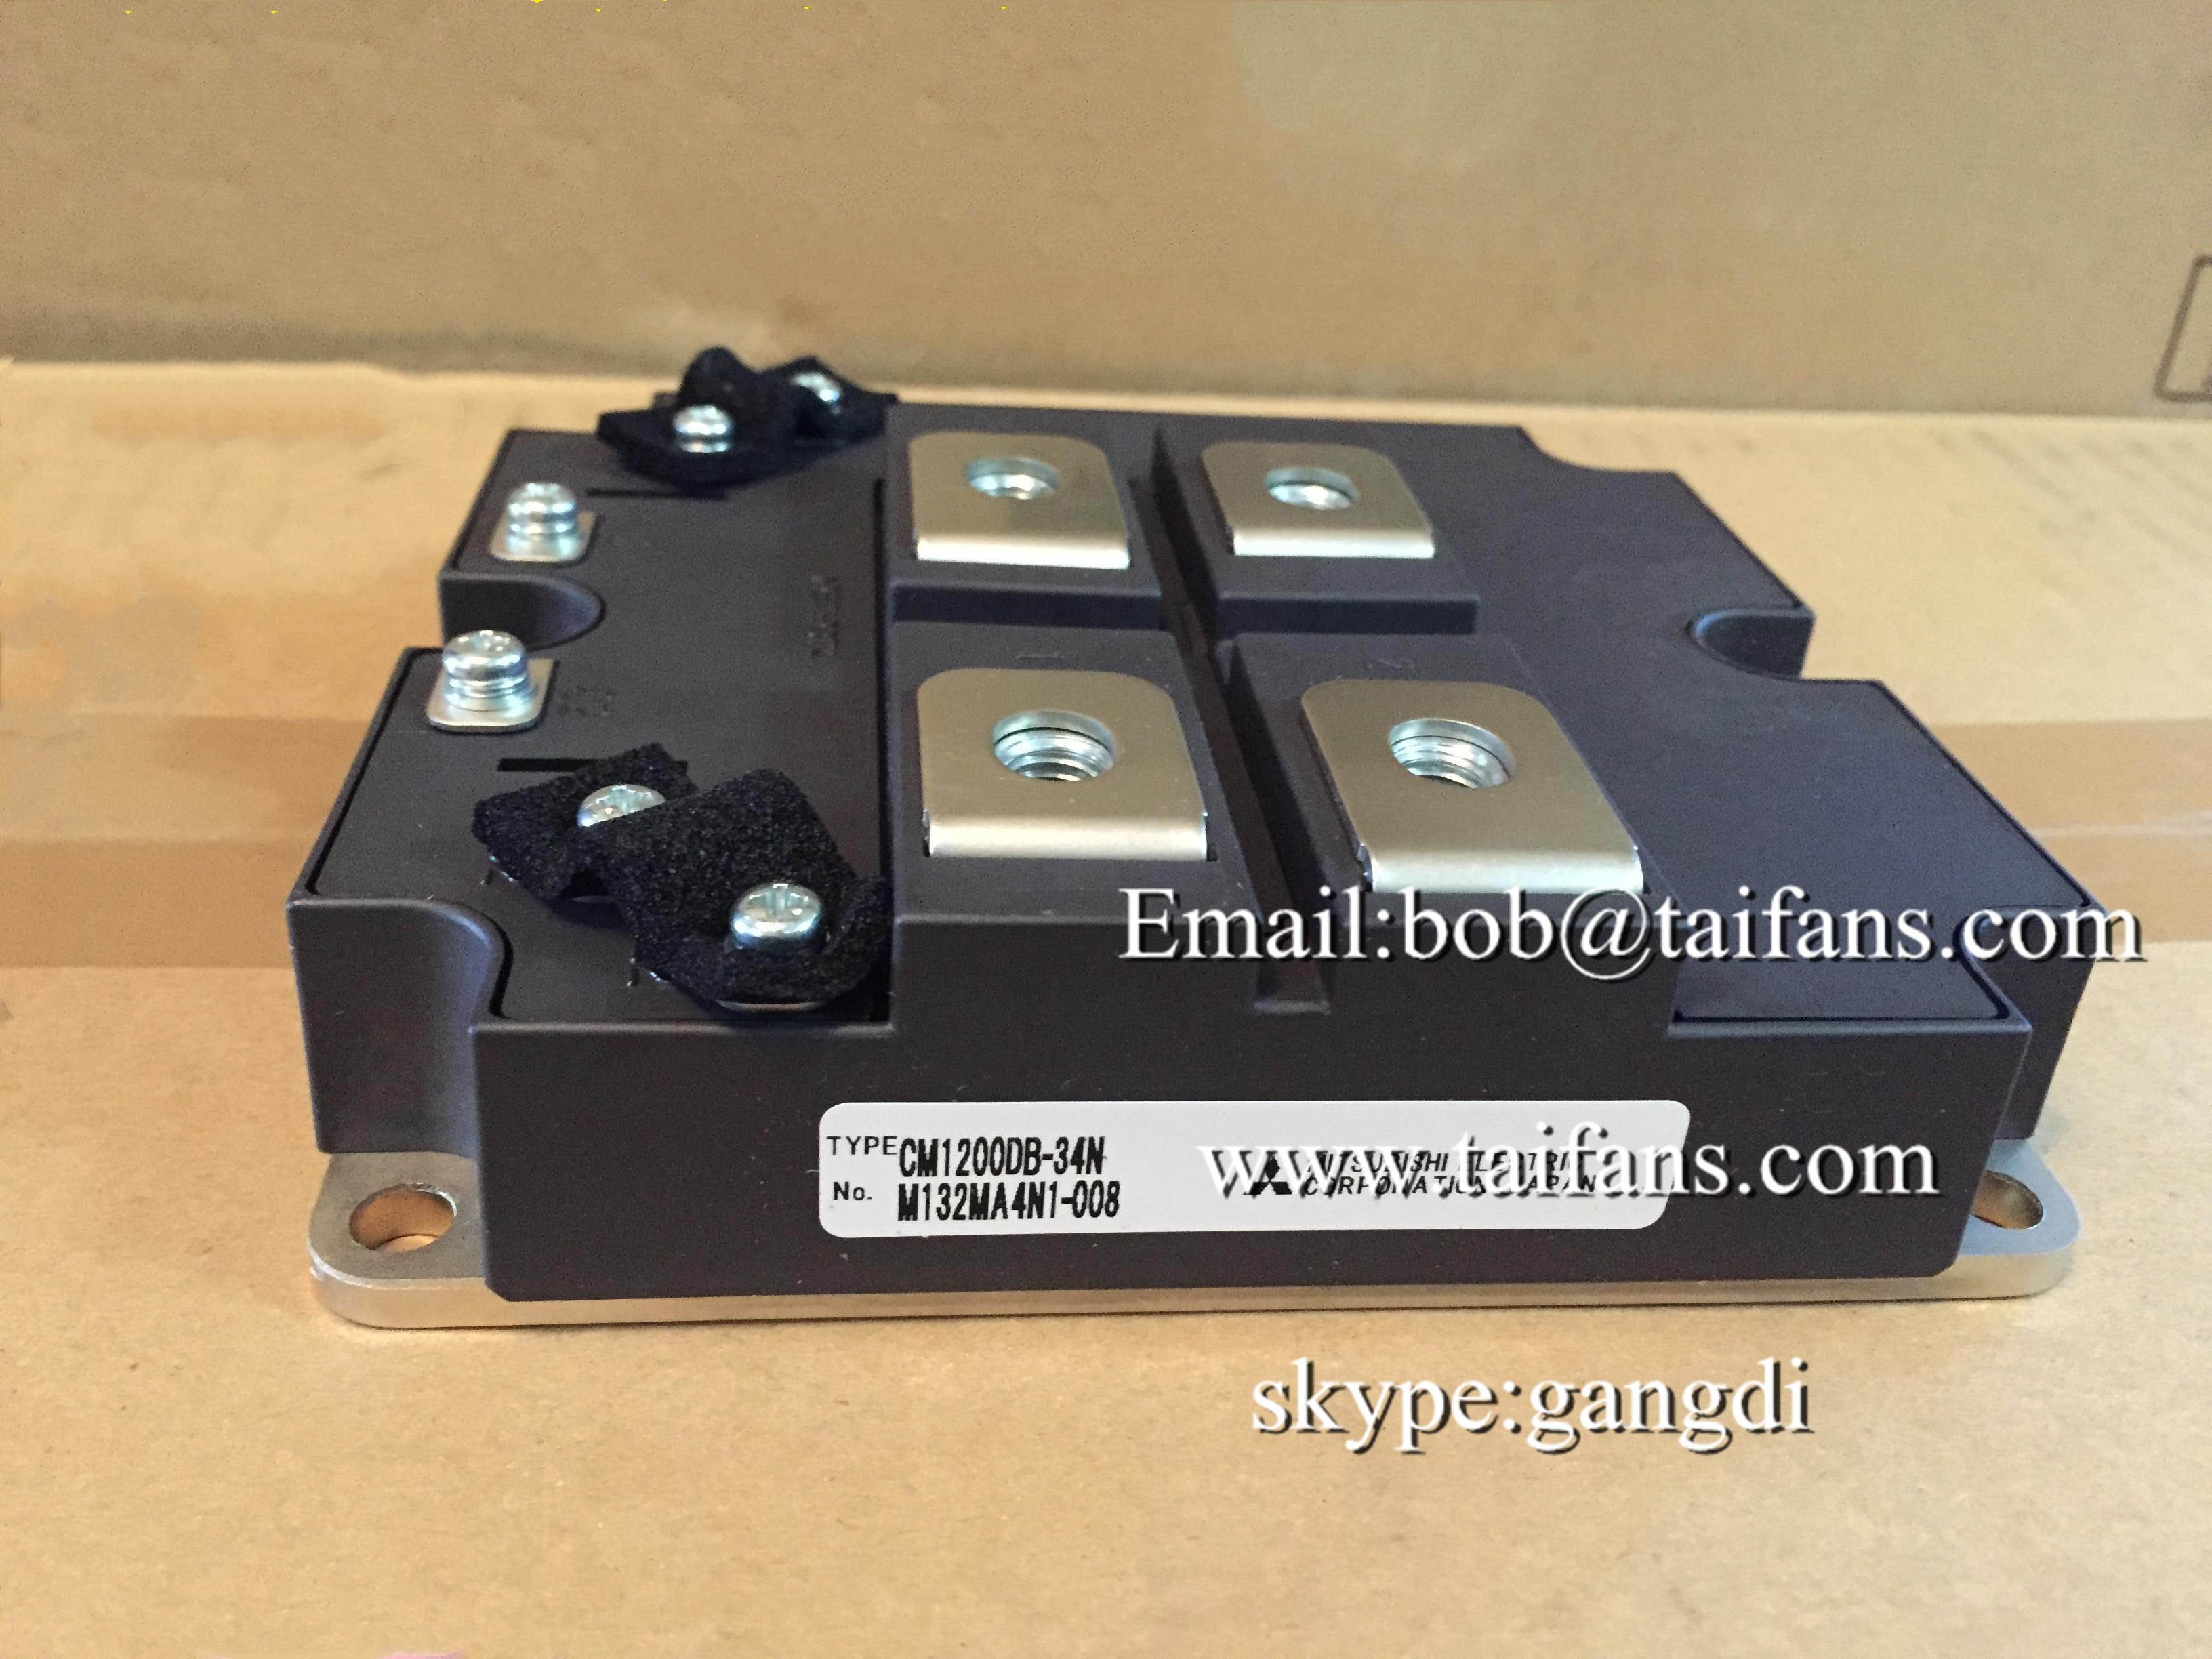 Nouveau CM1200HA 34H de CM1200DZ 34H de module IGBT d'origine CM1200DB 34N-in Pièces de climasateur from Appareils ménagers    1